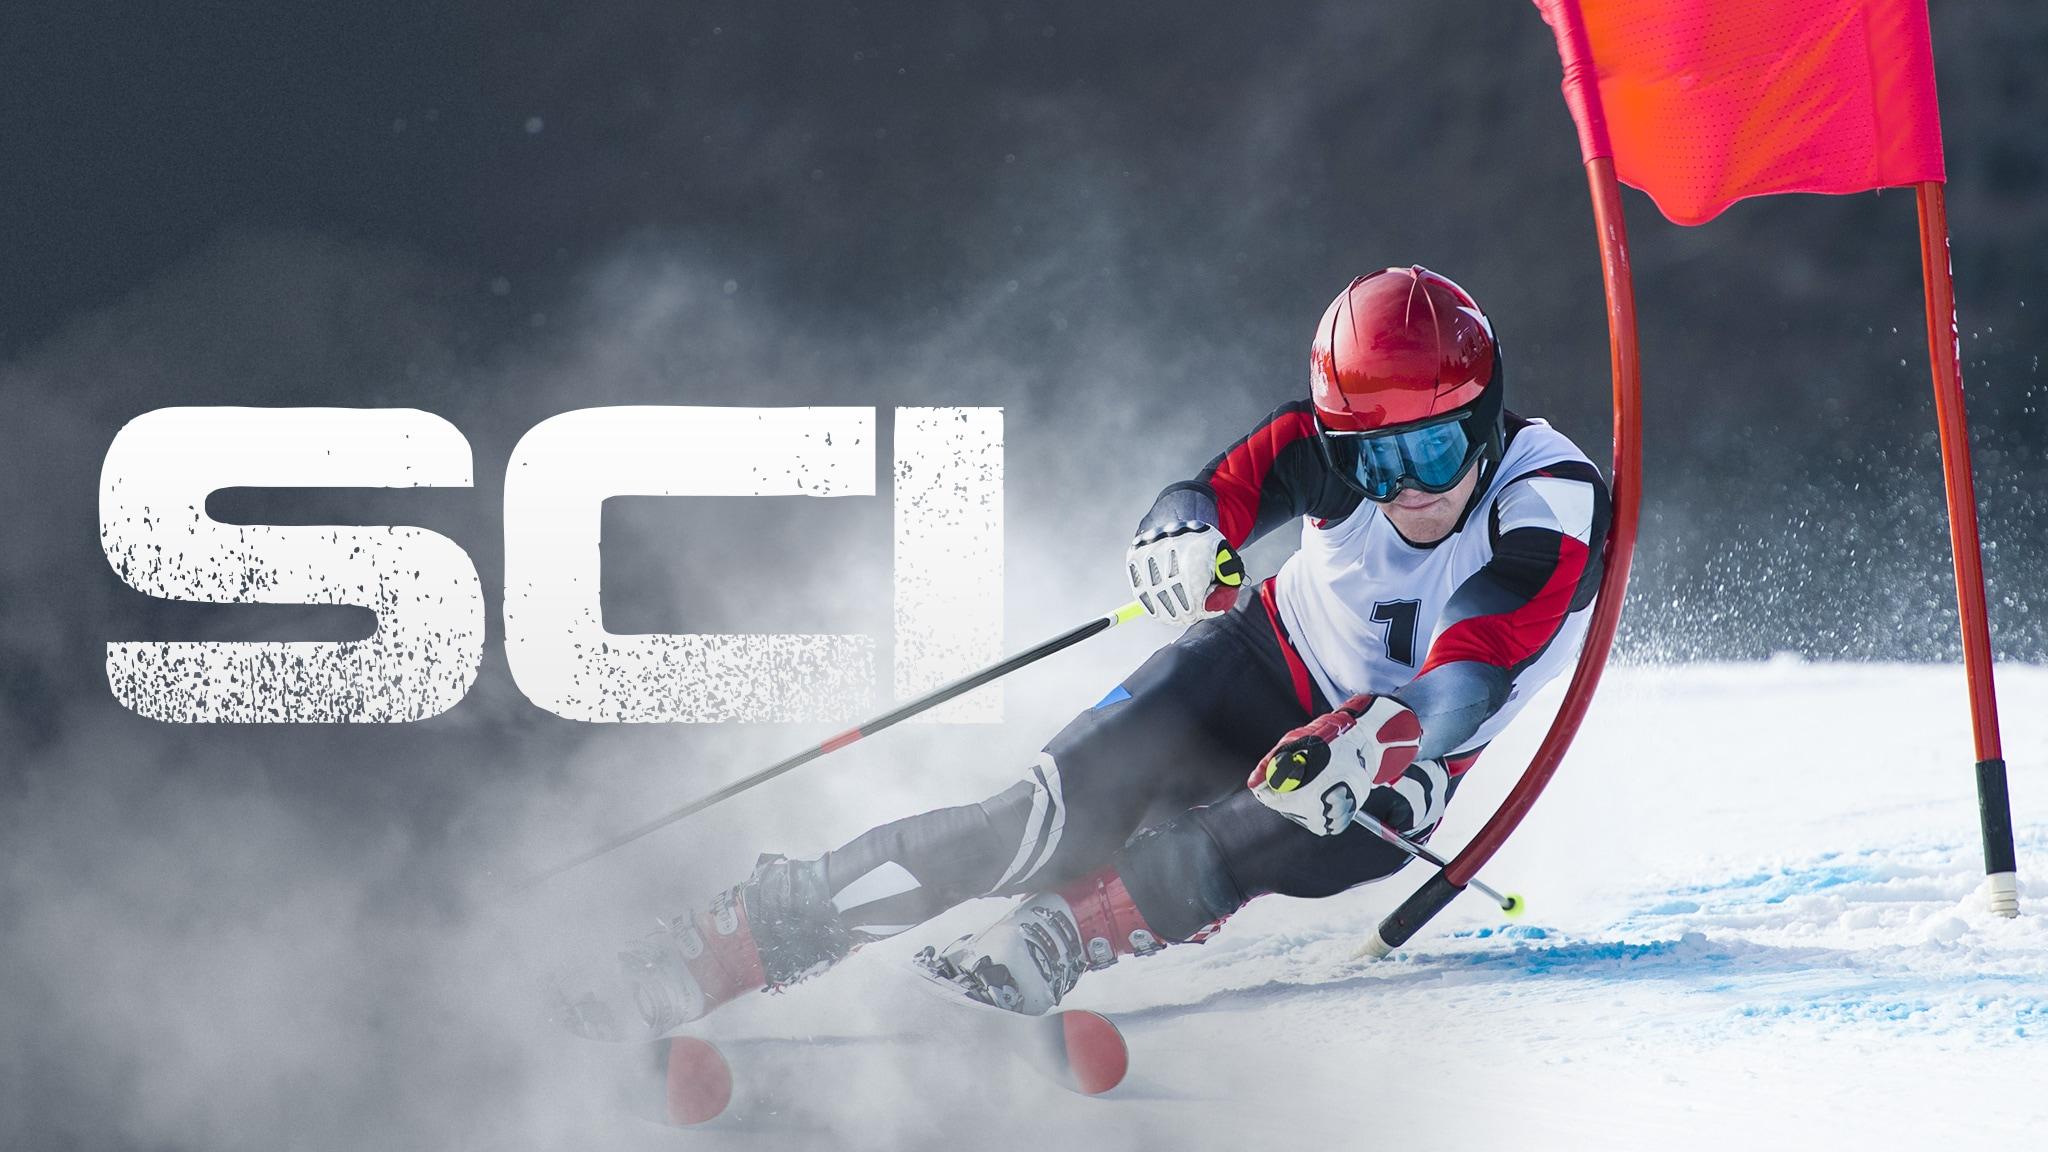 Rai Sport+ HD Sci Alpino: Coppa del Mondo 2019/20 Slalom Gigante Femminile seconda manche Maribor (SLO)